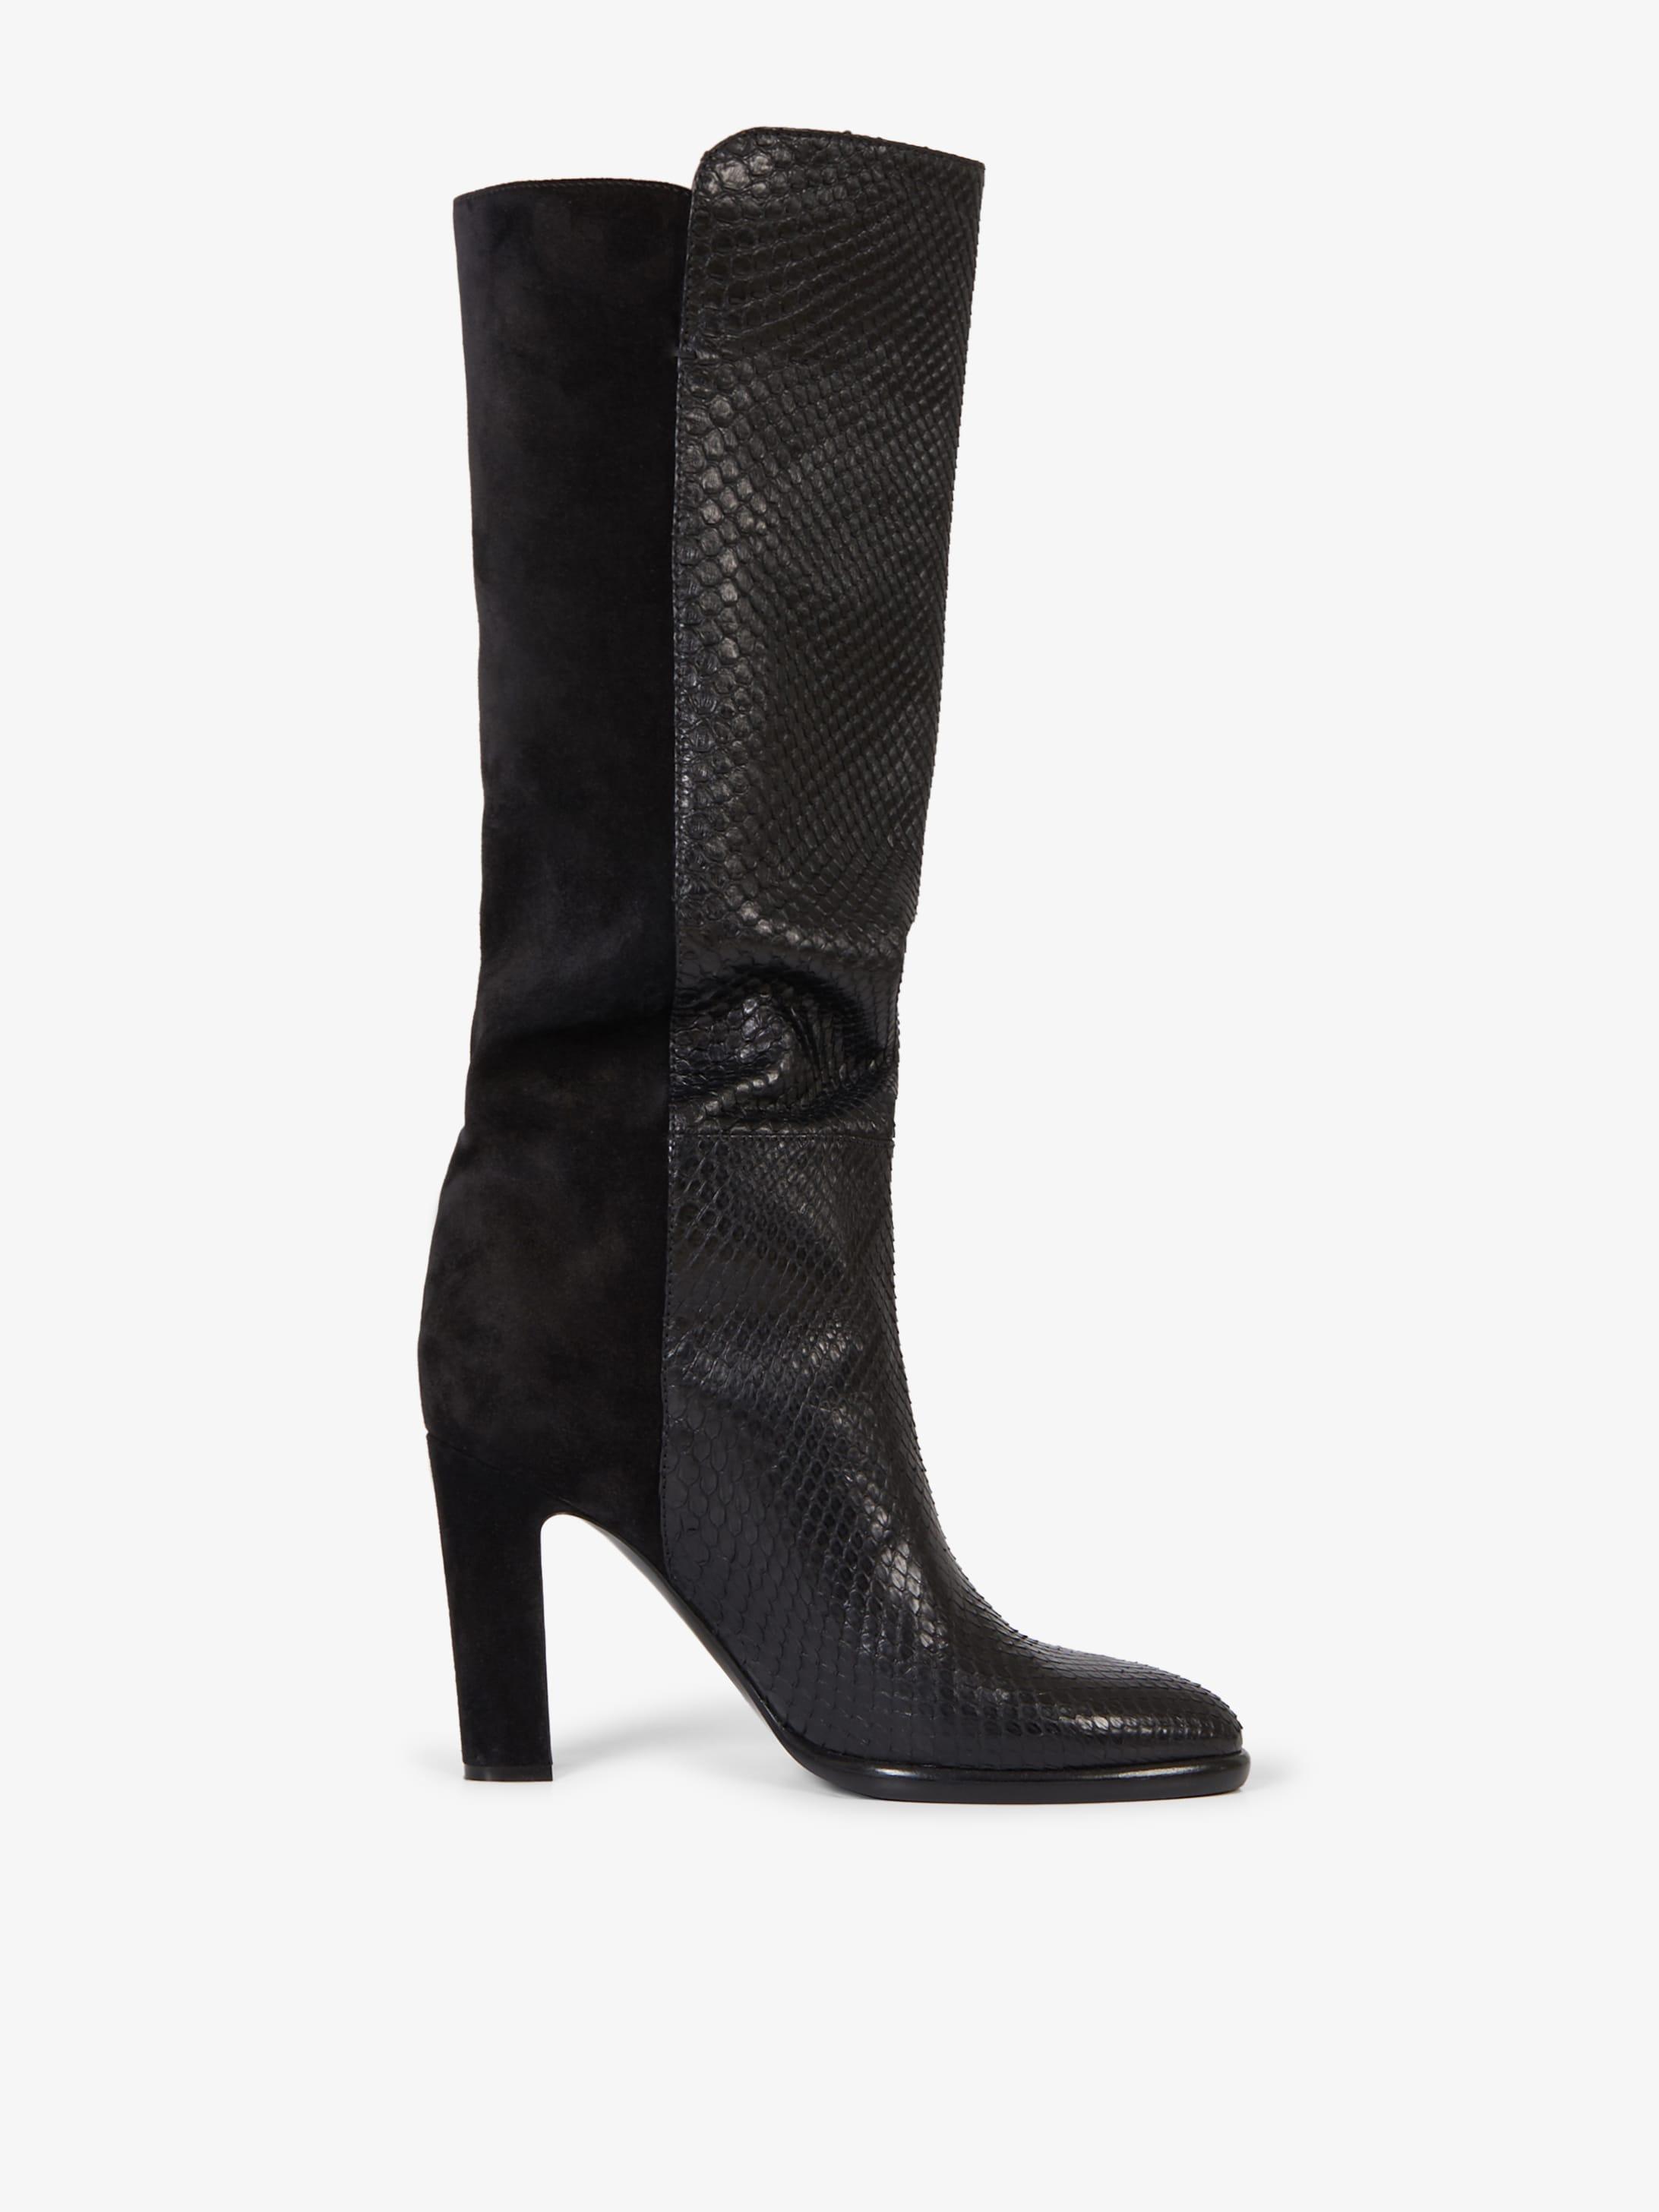 Stivali Mayfair di pelle scamosciata e pitone